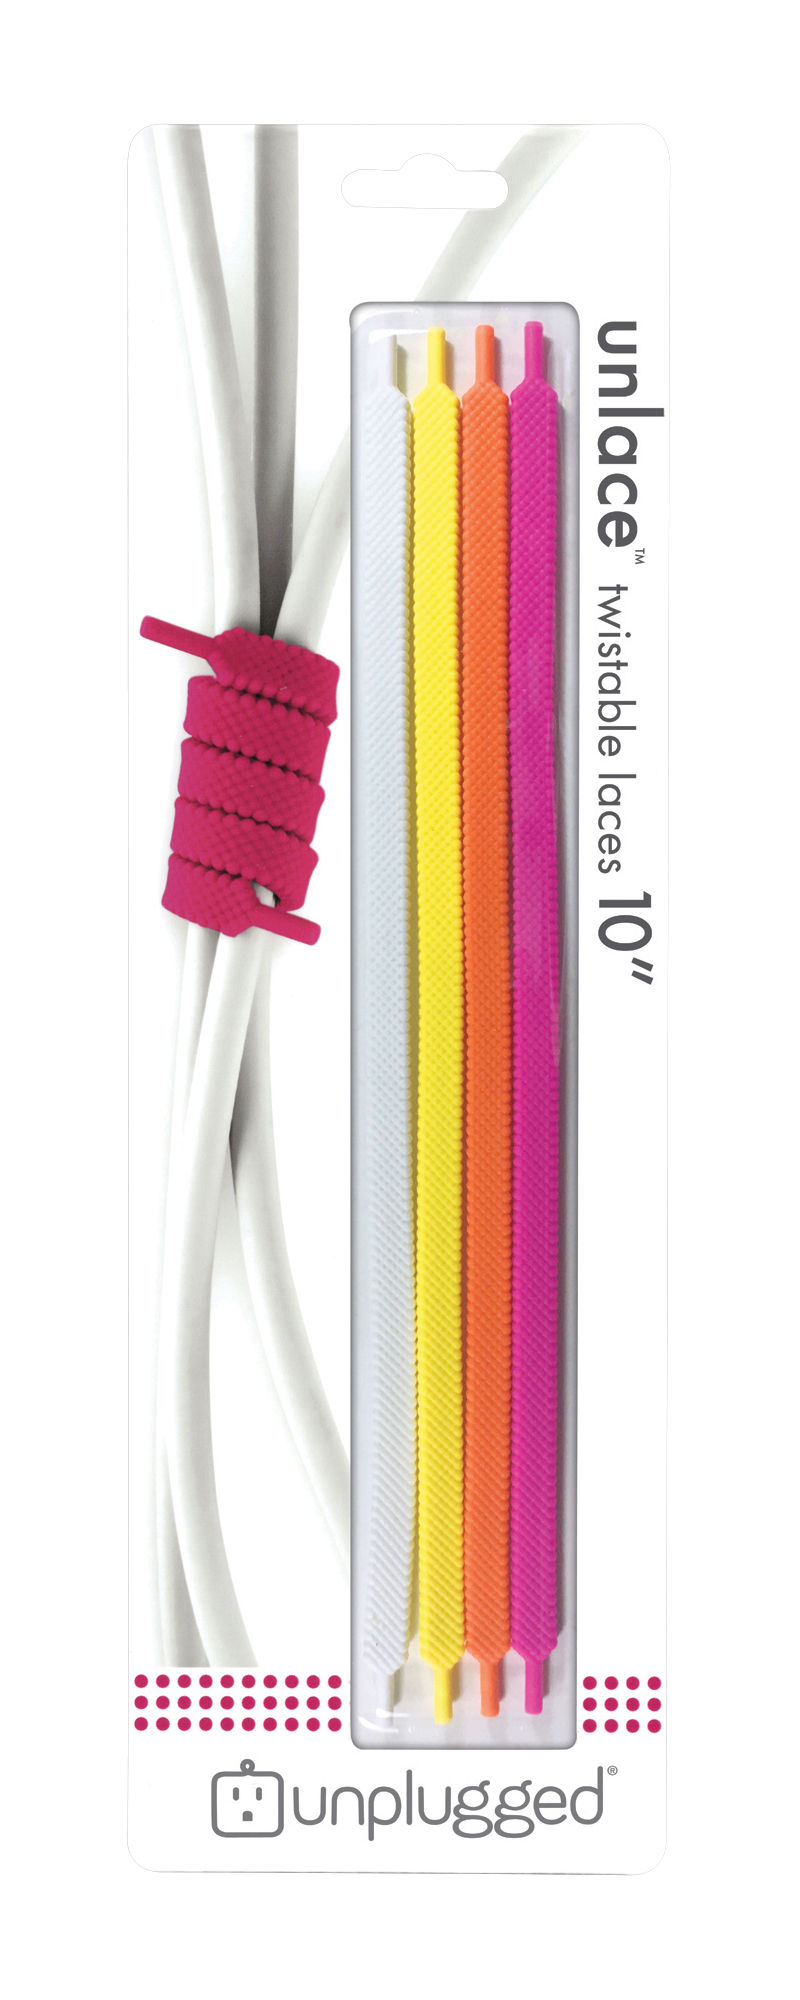 Accessori moda - Accessori ufficio - Avvolgi cavi Unlace / Set da 4 - Pa Design - Agrumi - Fil de fer, Silicone